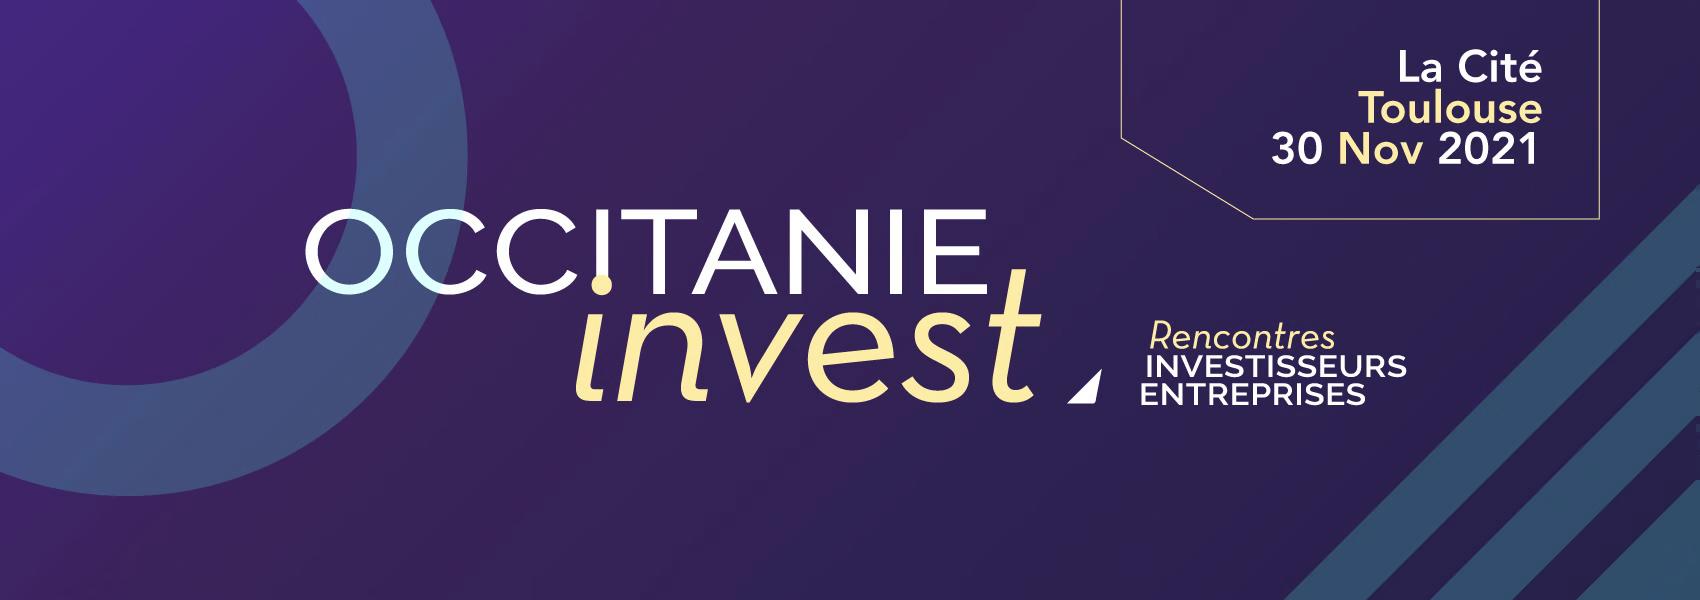 Occitanie Invest 2021